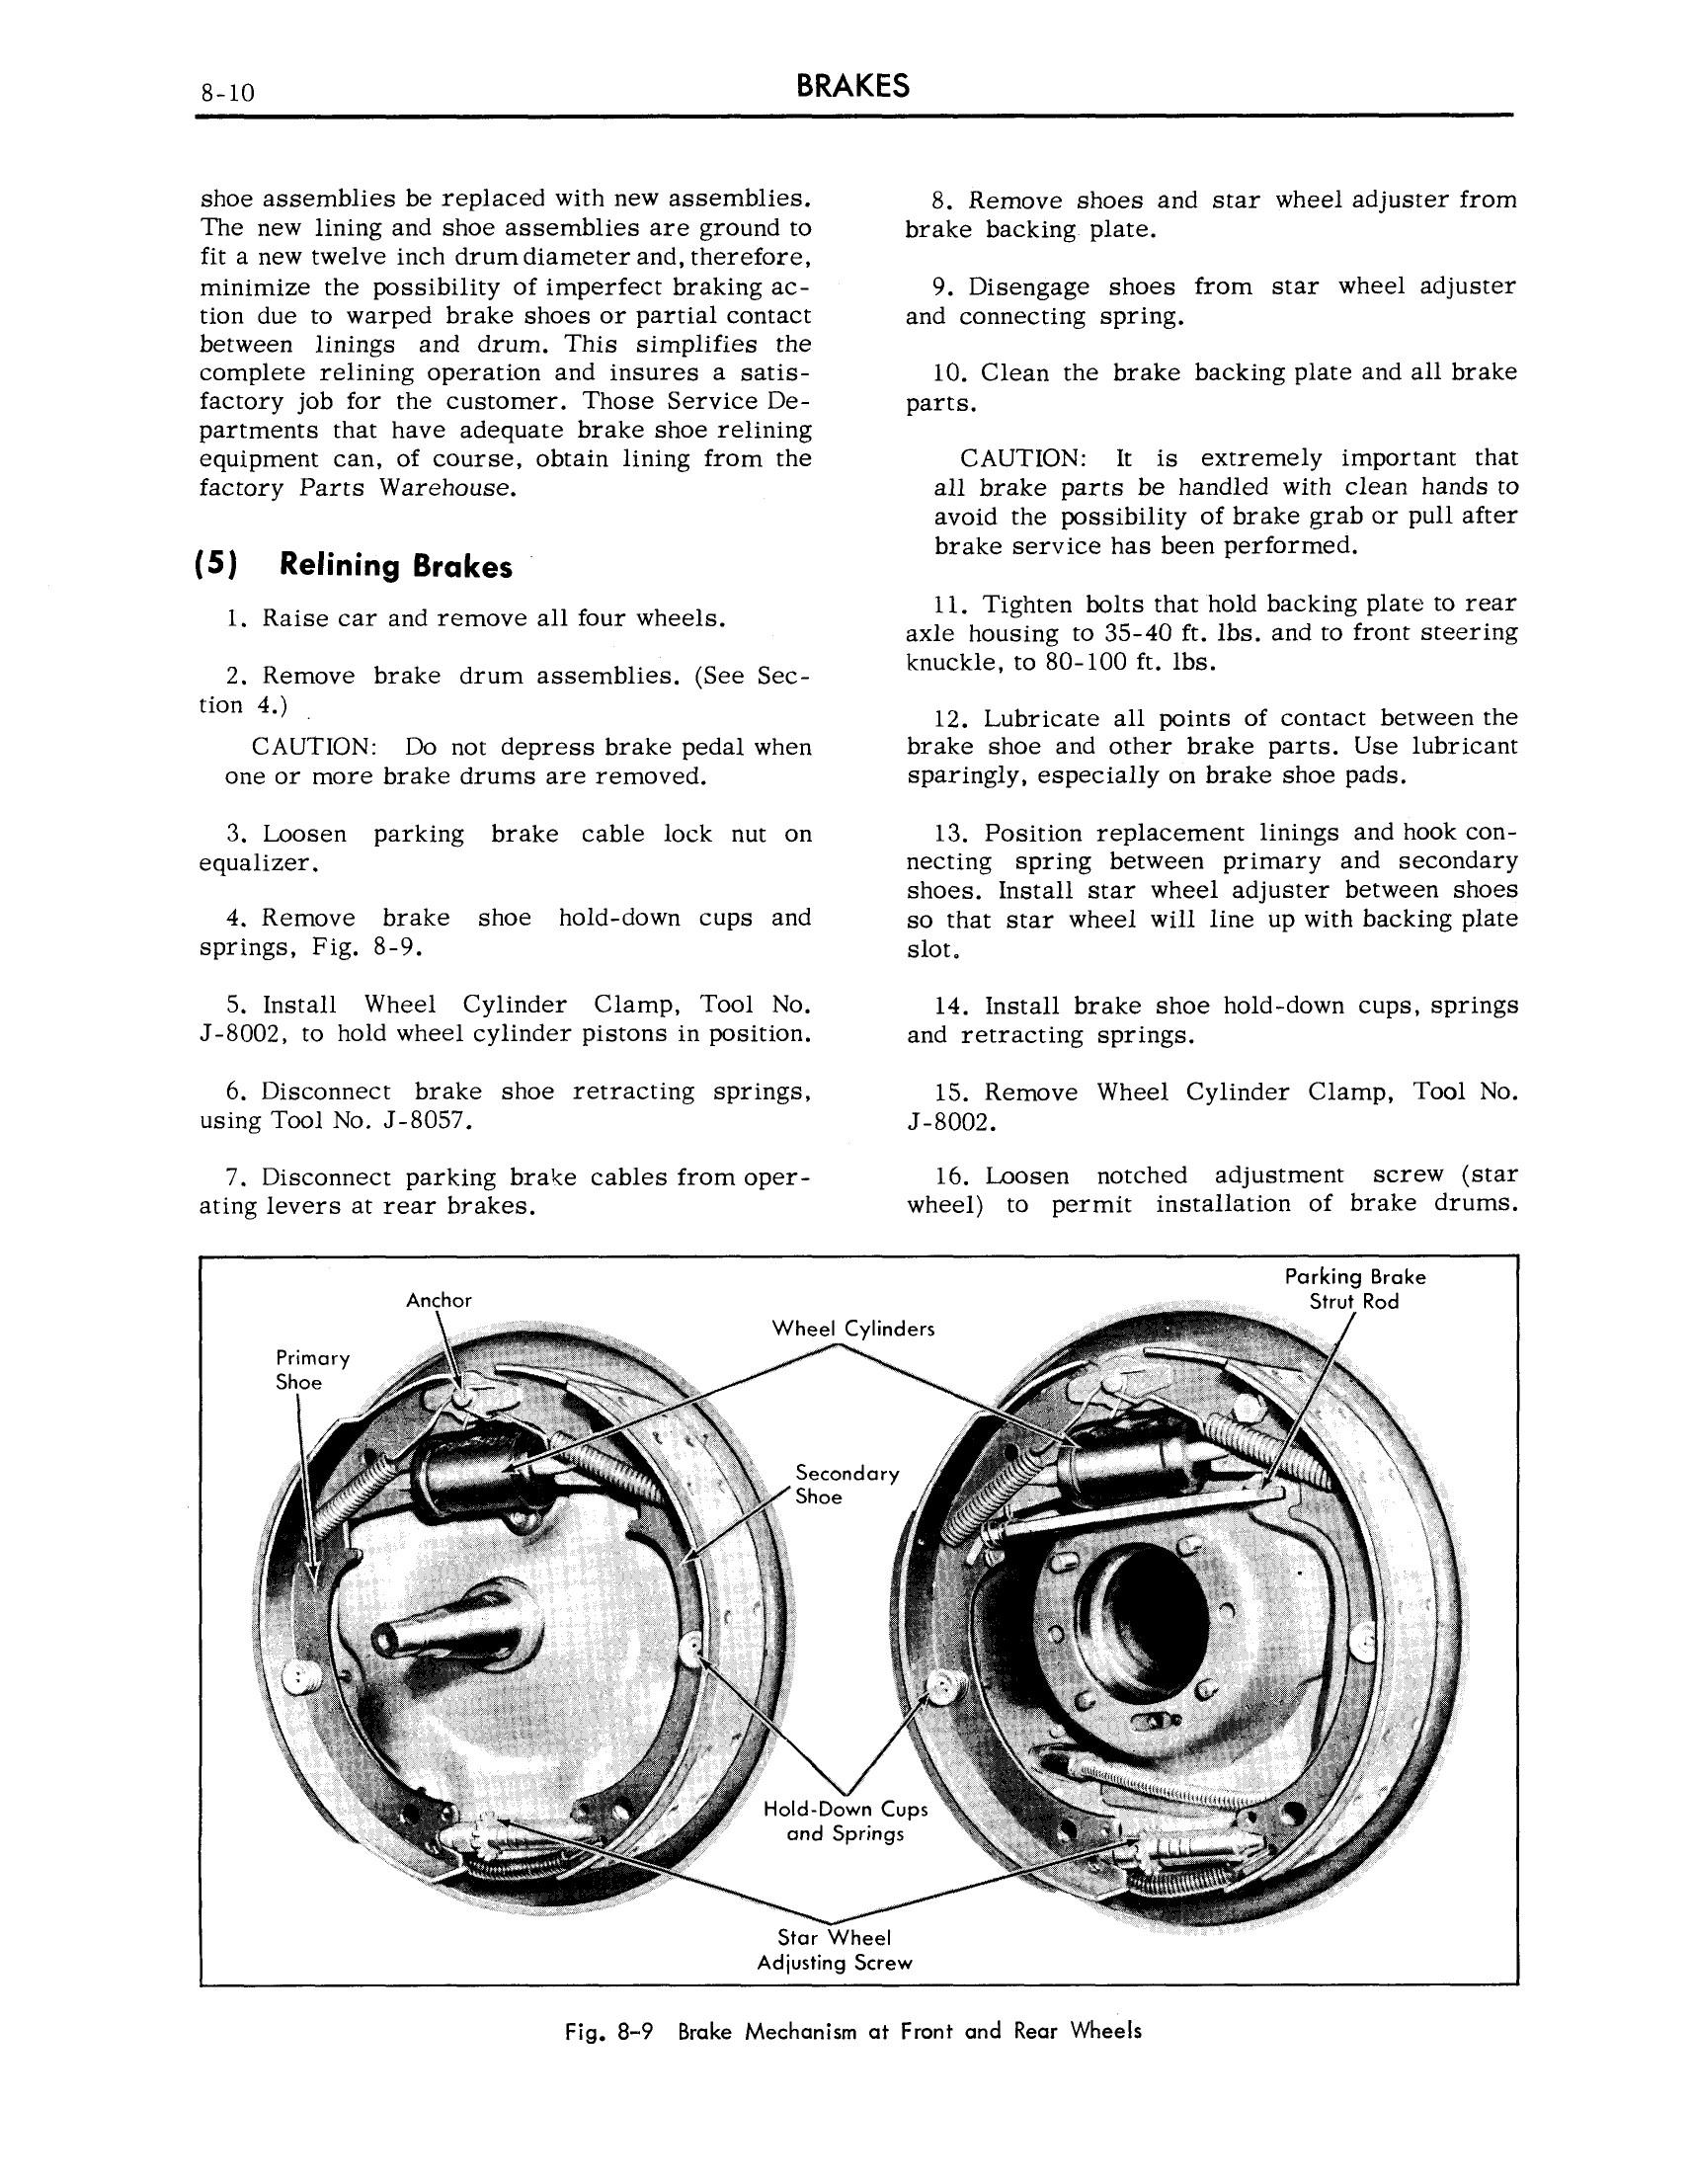 1959 Cadillac Shop Manual- Brakes Page 10 of 26